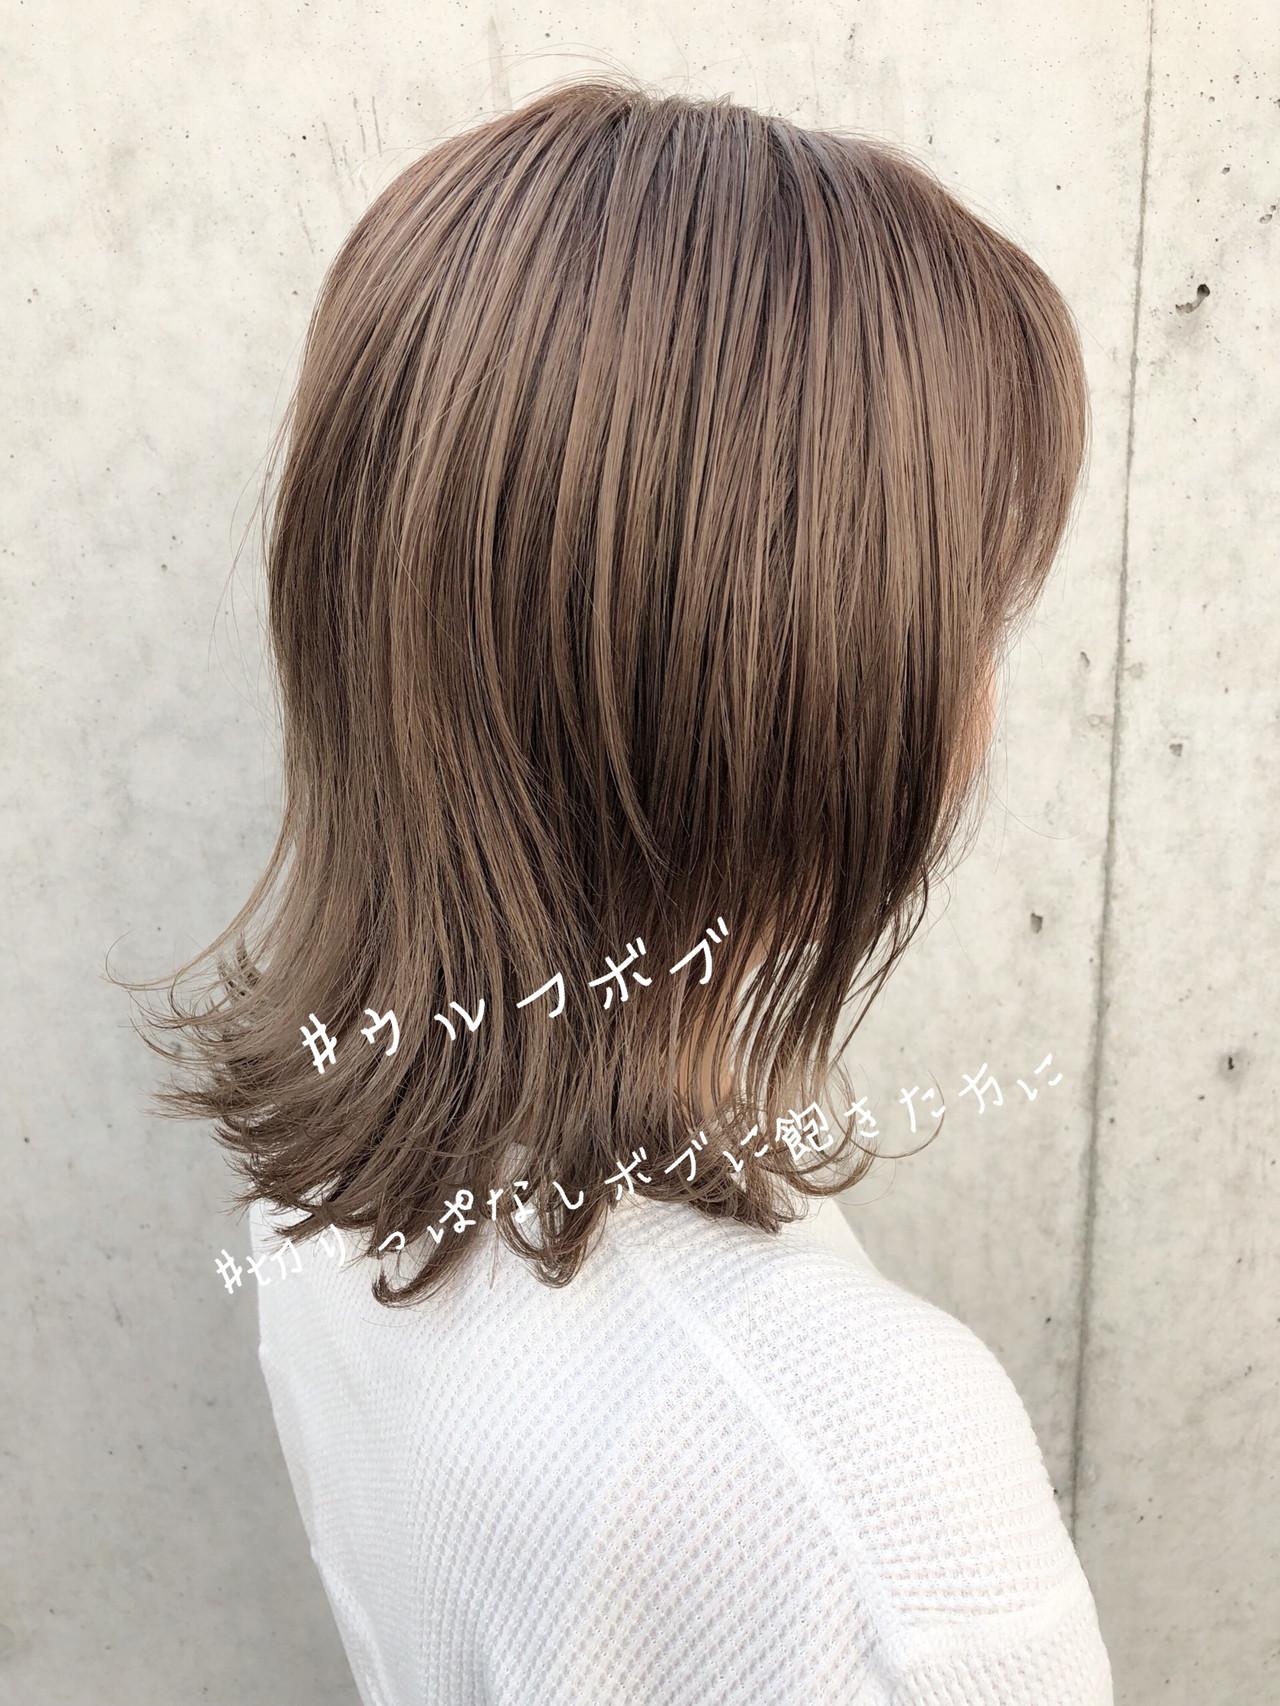 ウルフカット ヘアアレンジ デート オフィス ヘアスタイルや髪型の写真・画像 | 北村 亮 / Lano by HAIR